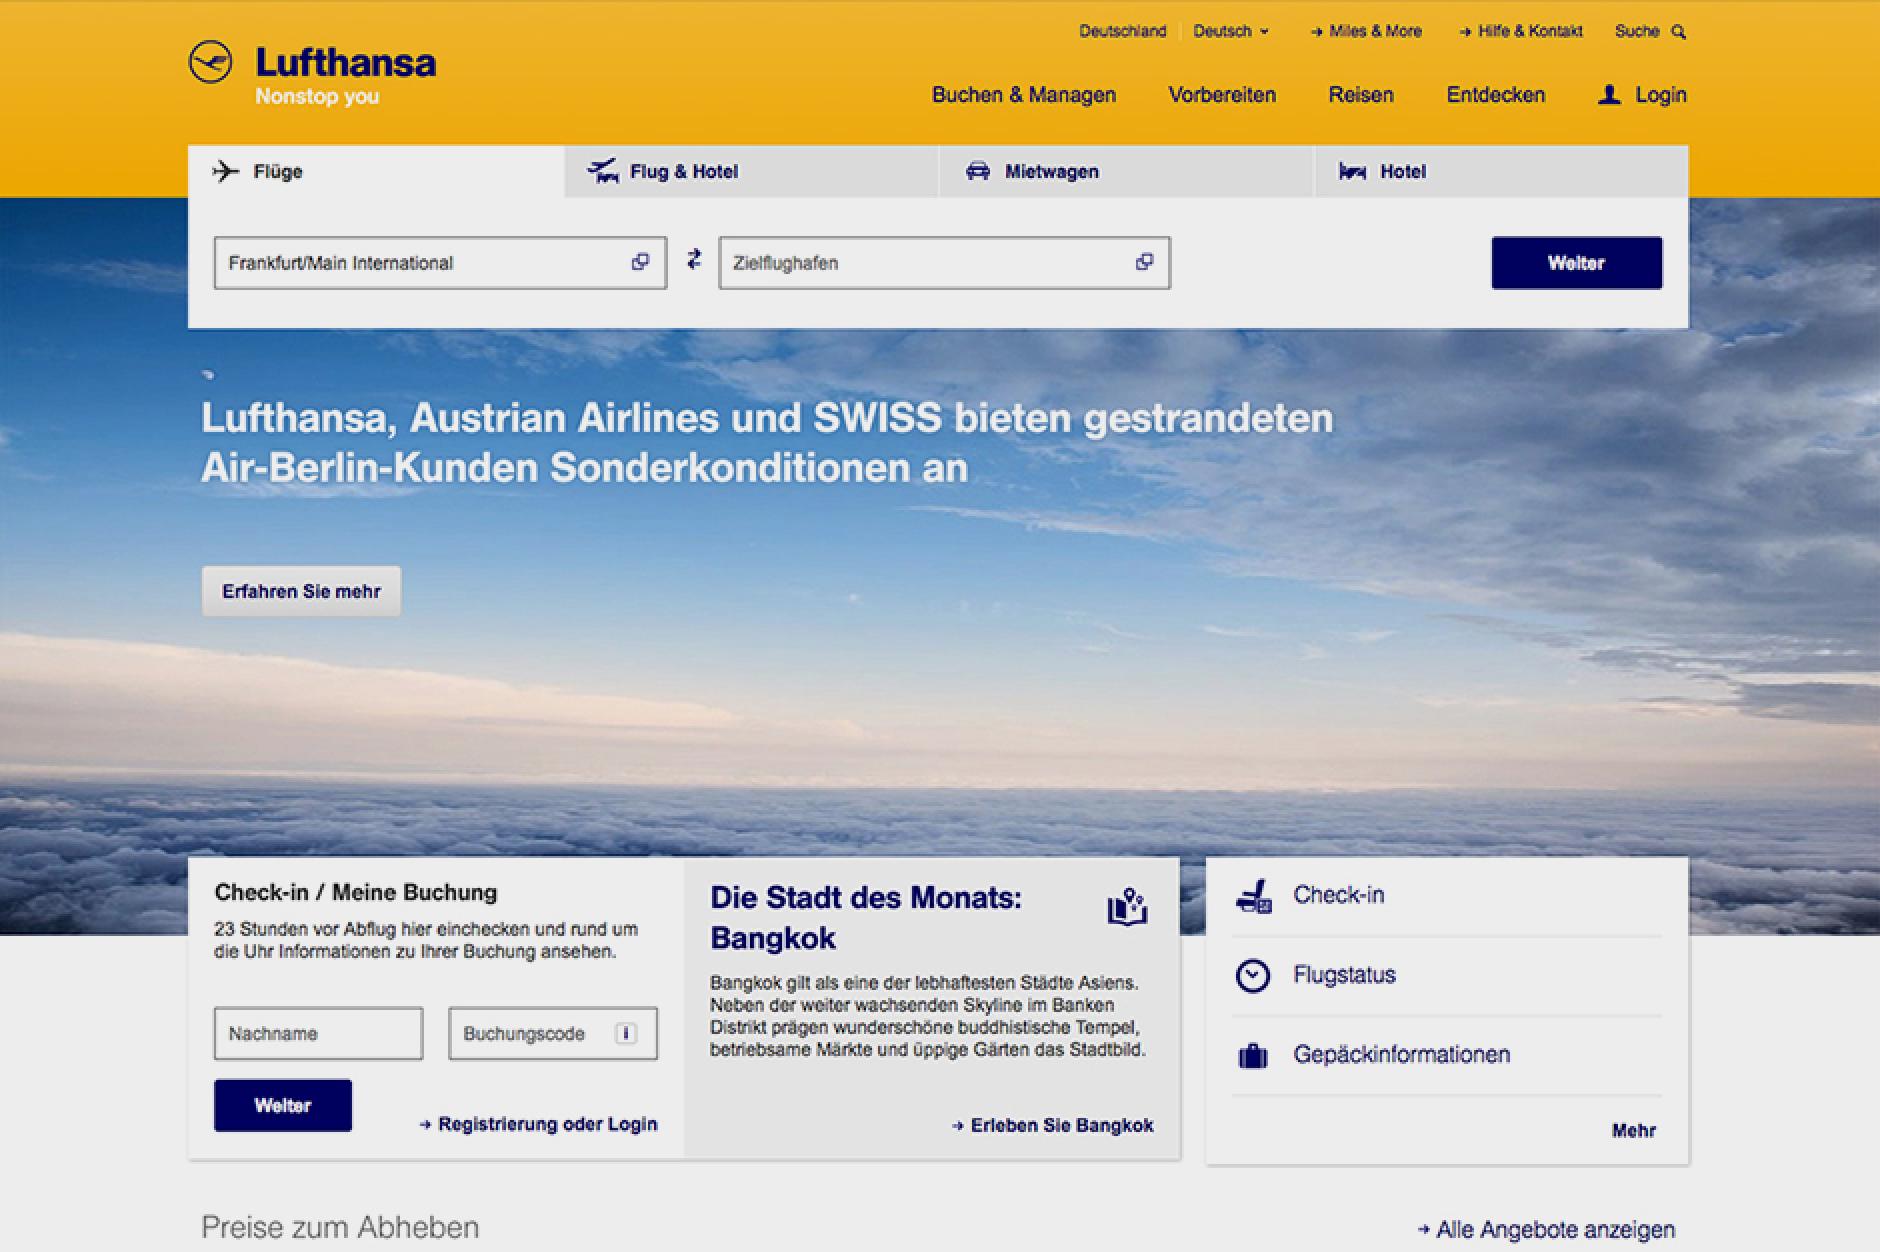 Lufthansa-Vorschau